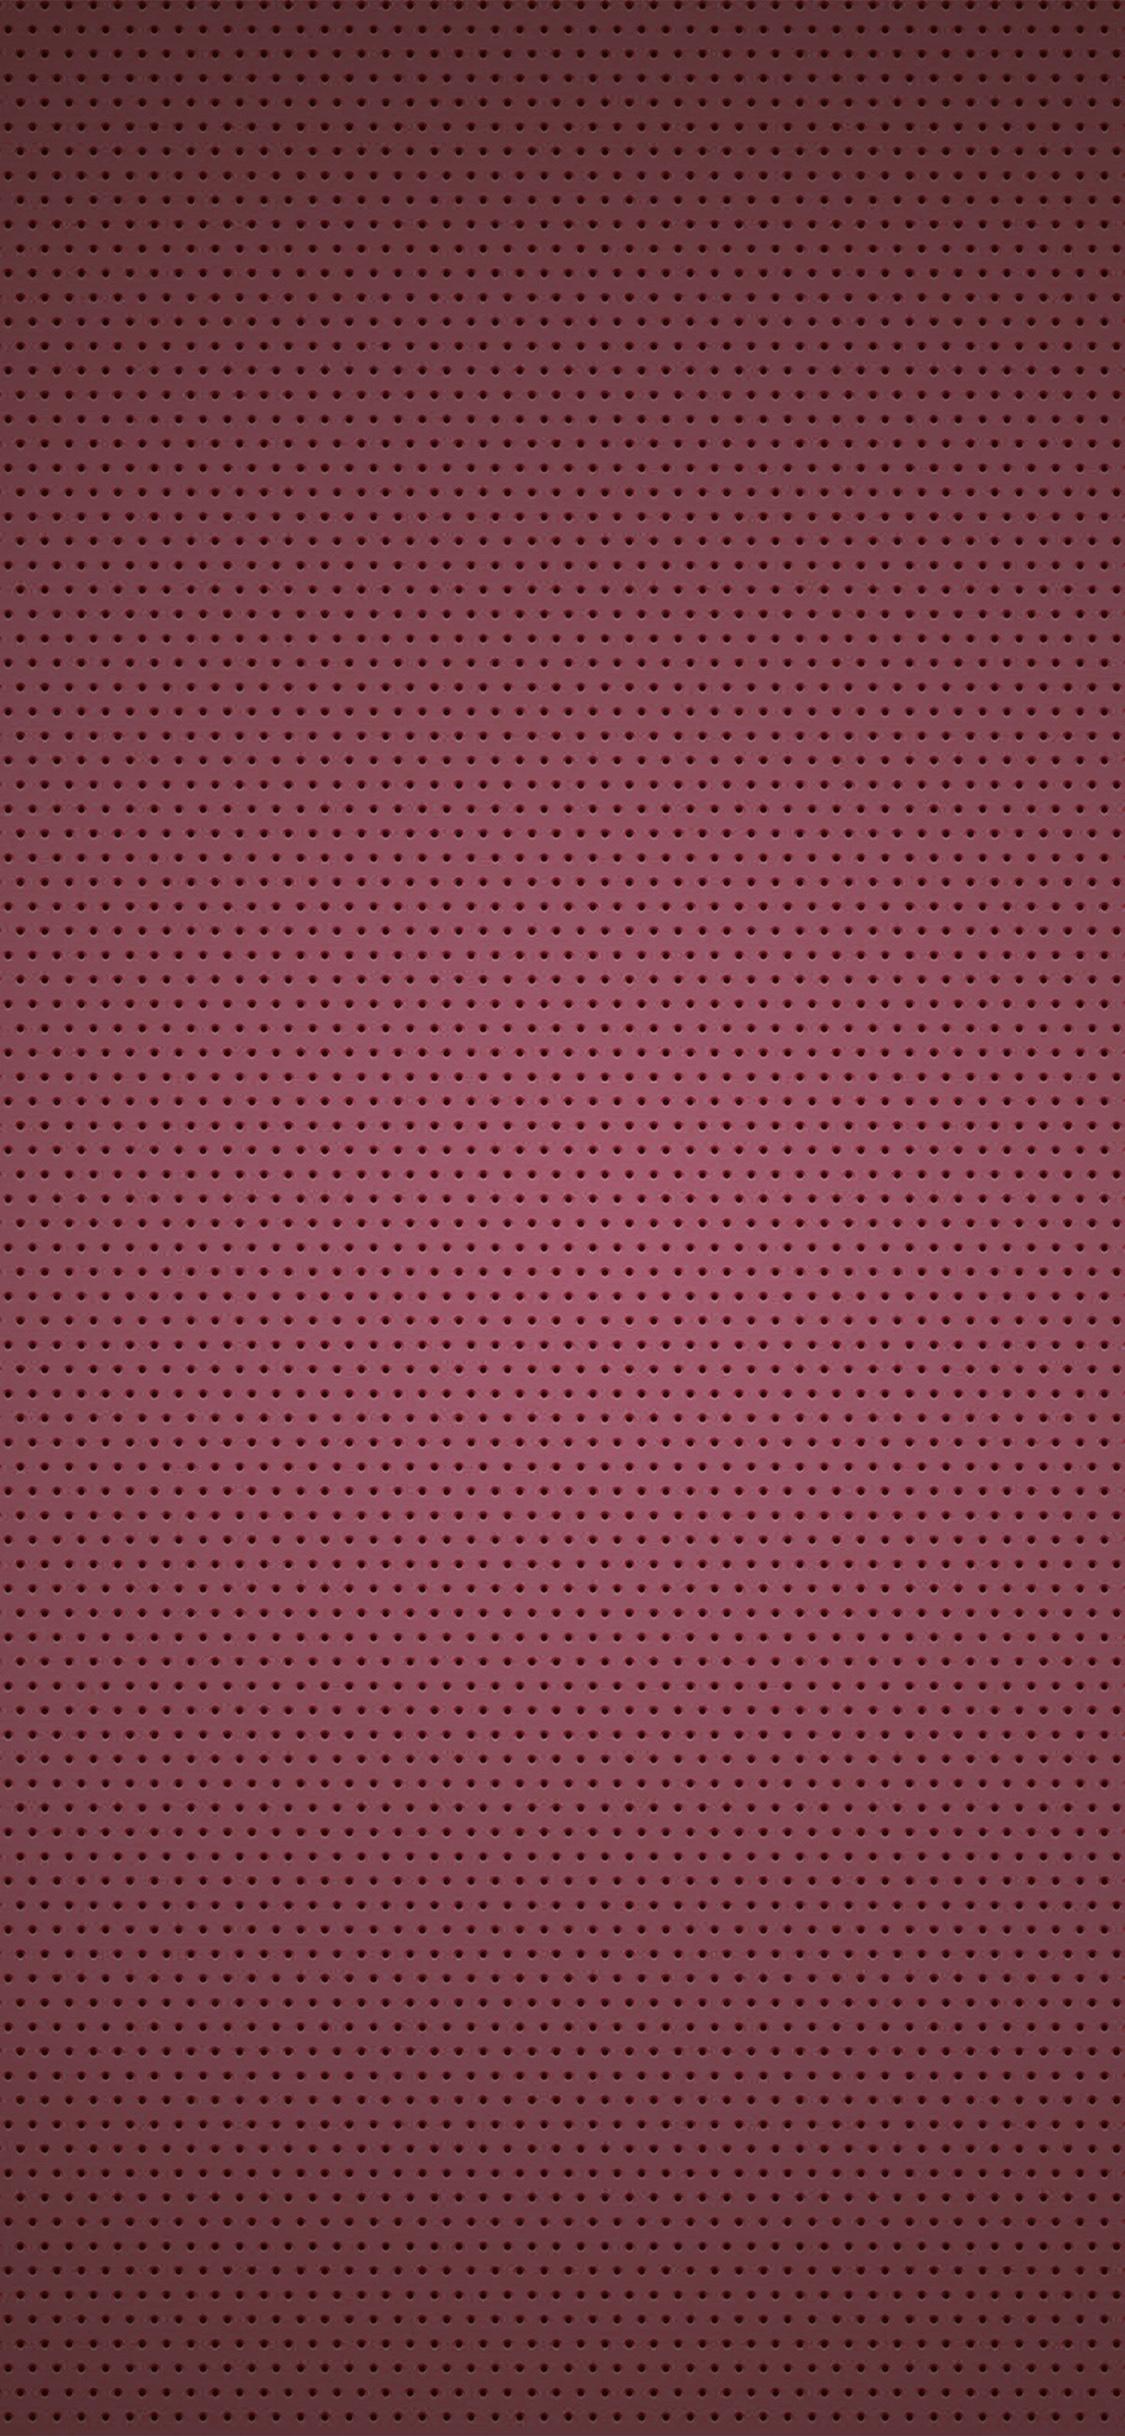 Vs43-dot-magenta-red-texture-pattern-wallpaper